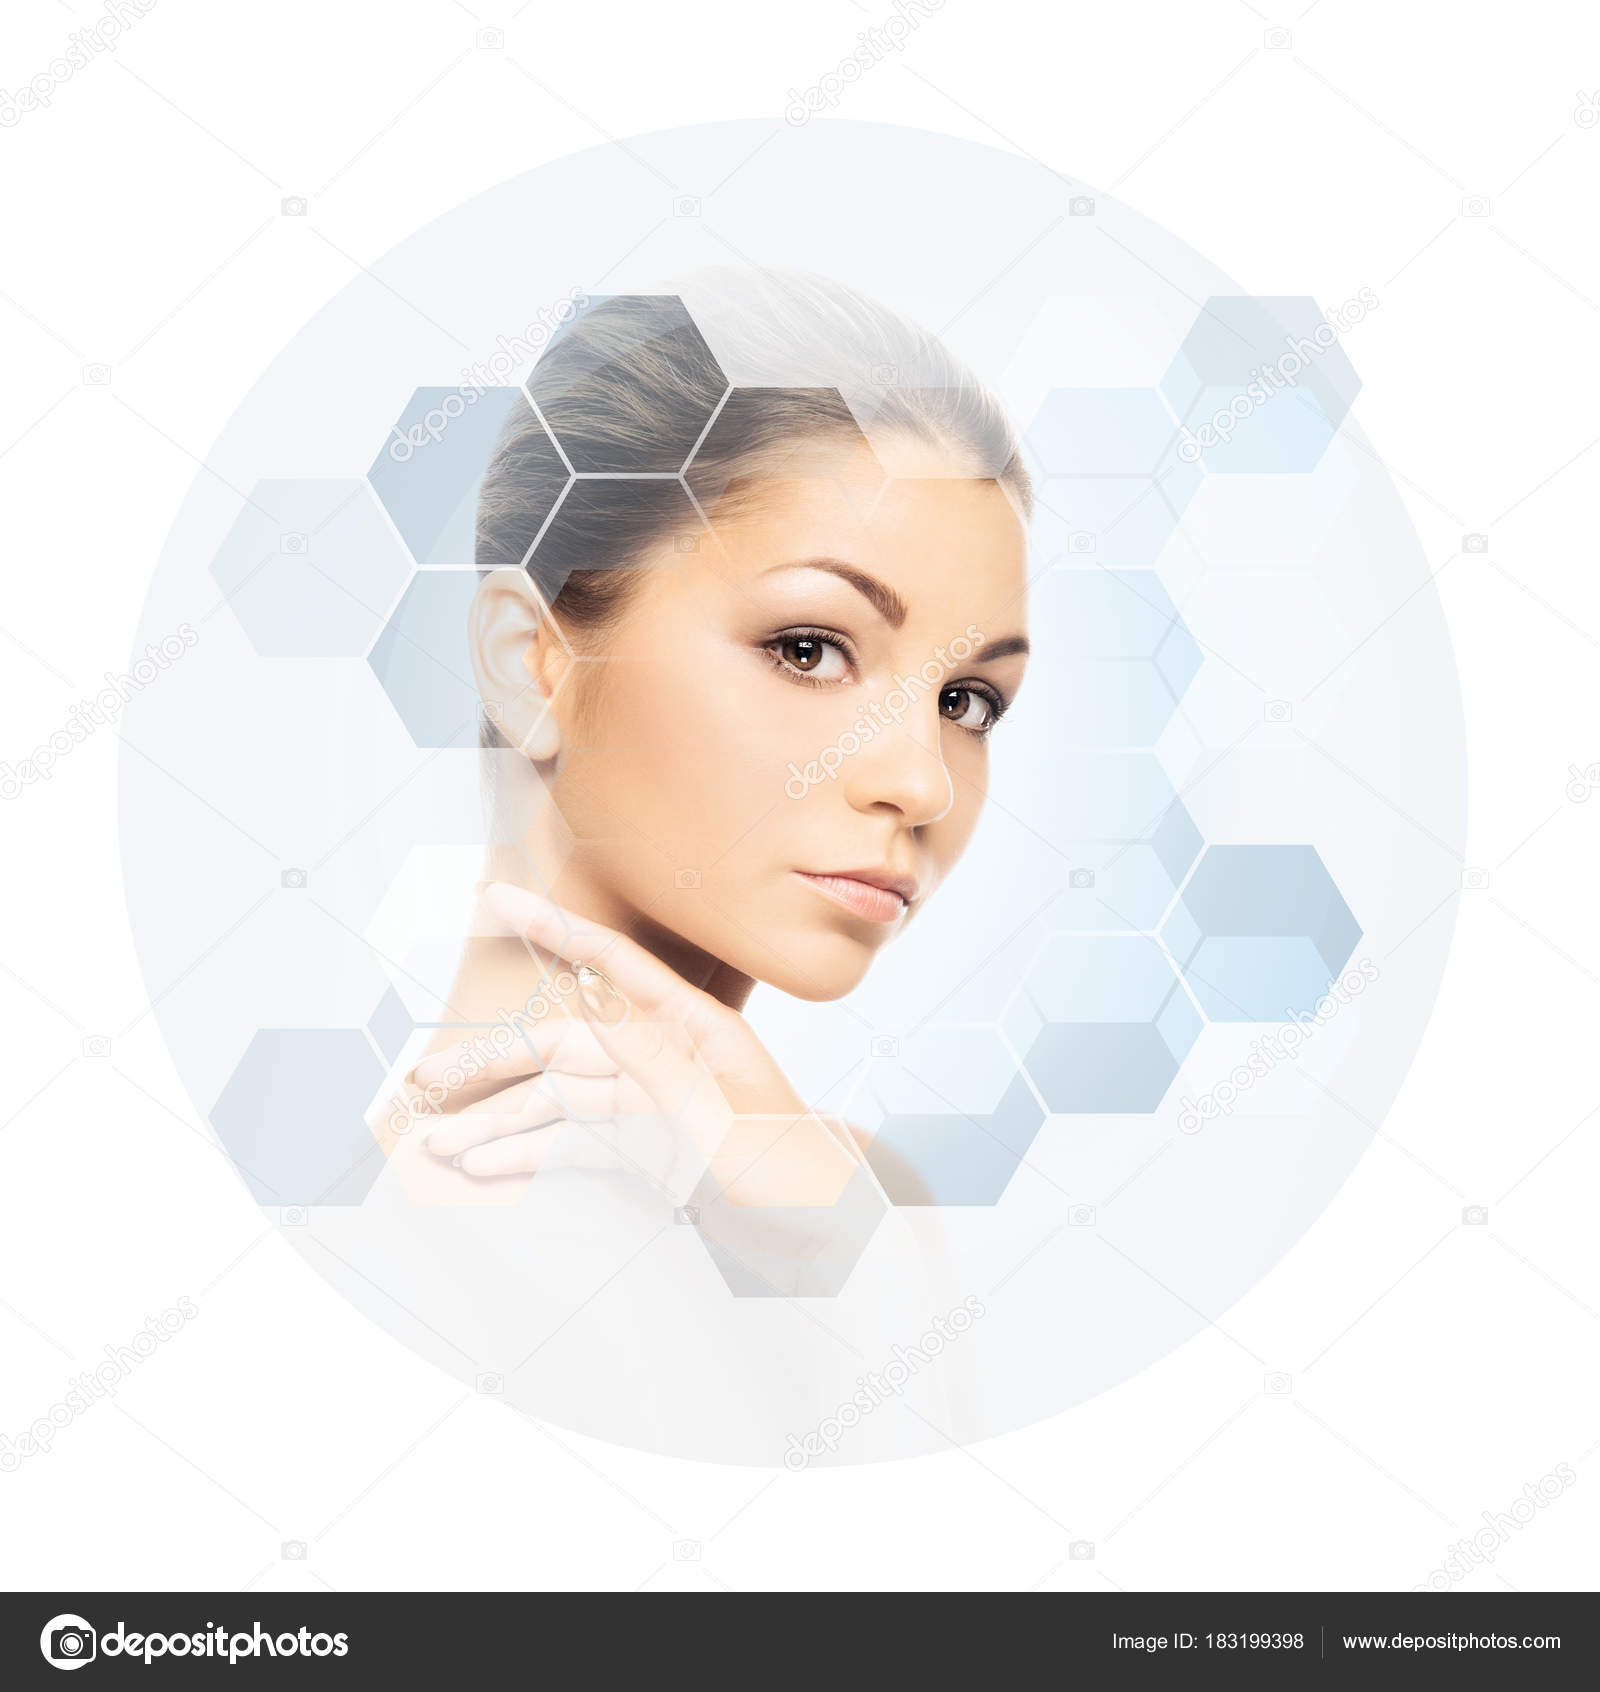 Sağlıklı Yüz Bakımı Nasıl Yapılır